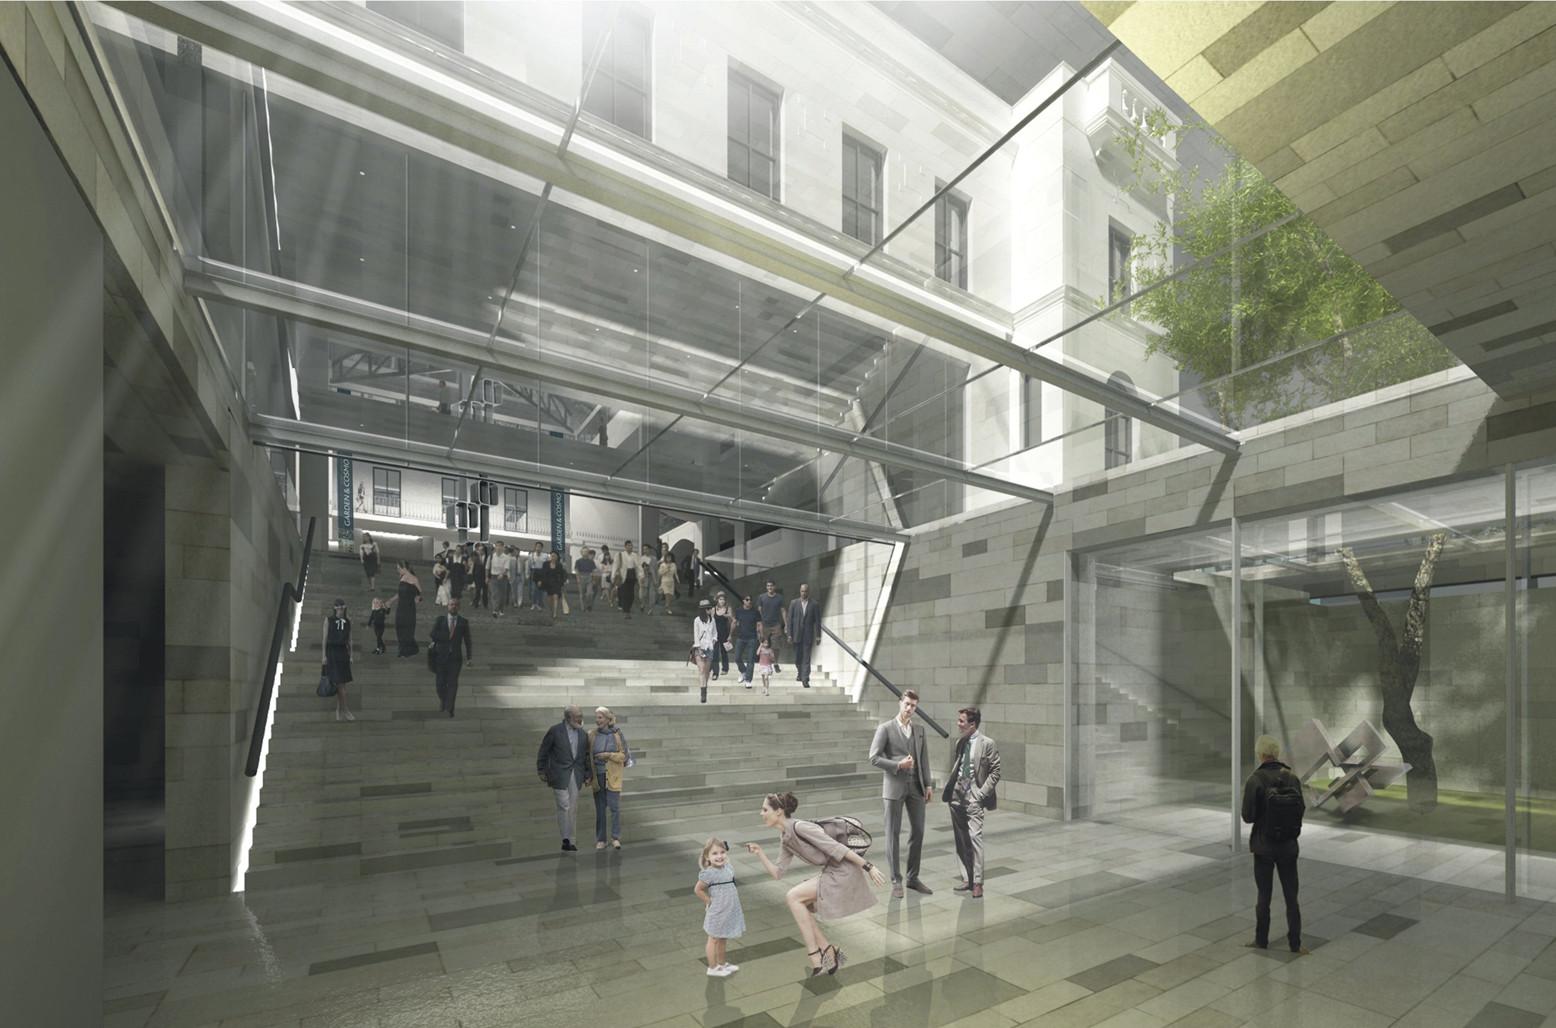 Ganador centro de convenciones y exposiciones antiguo for Interior 1 arquitectura